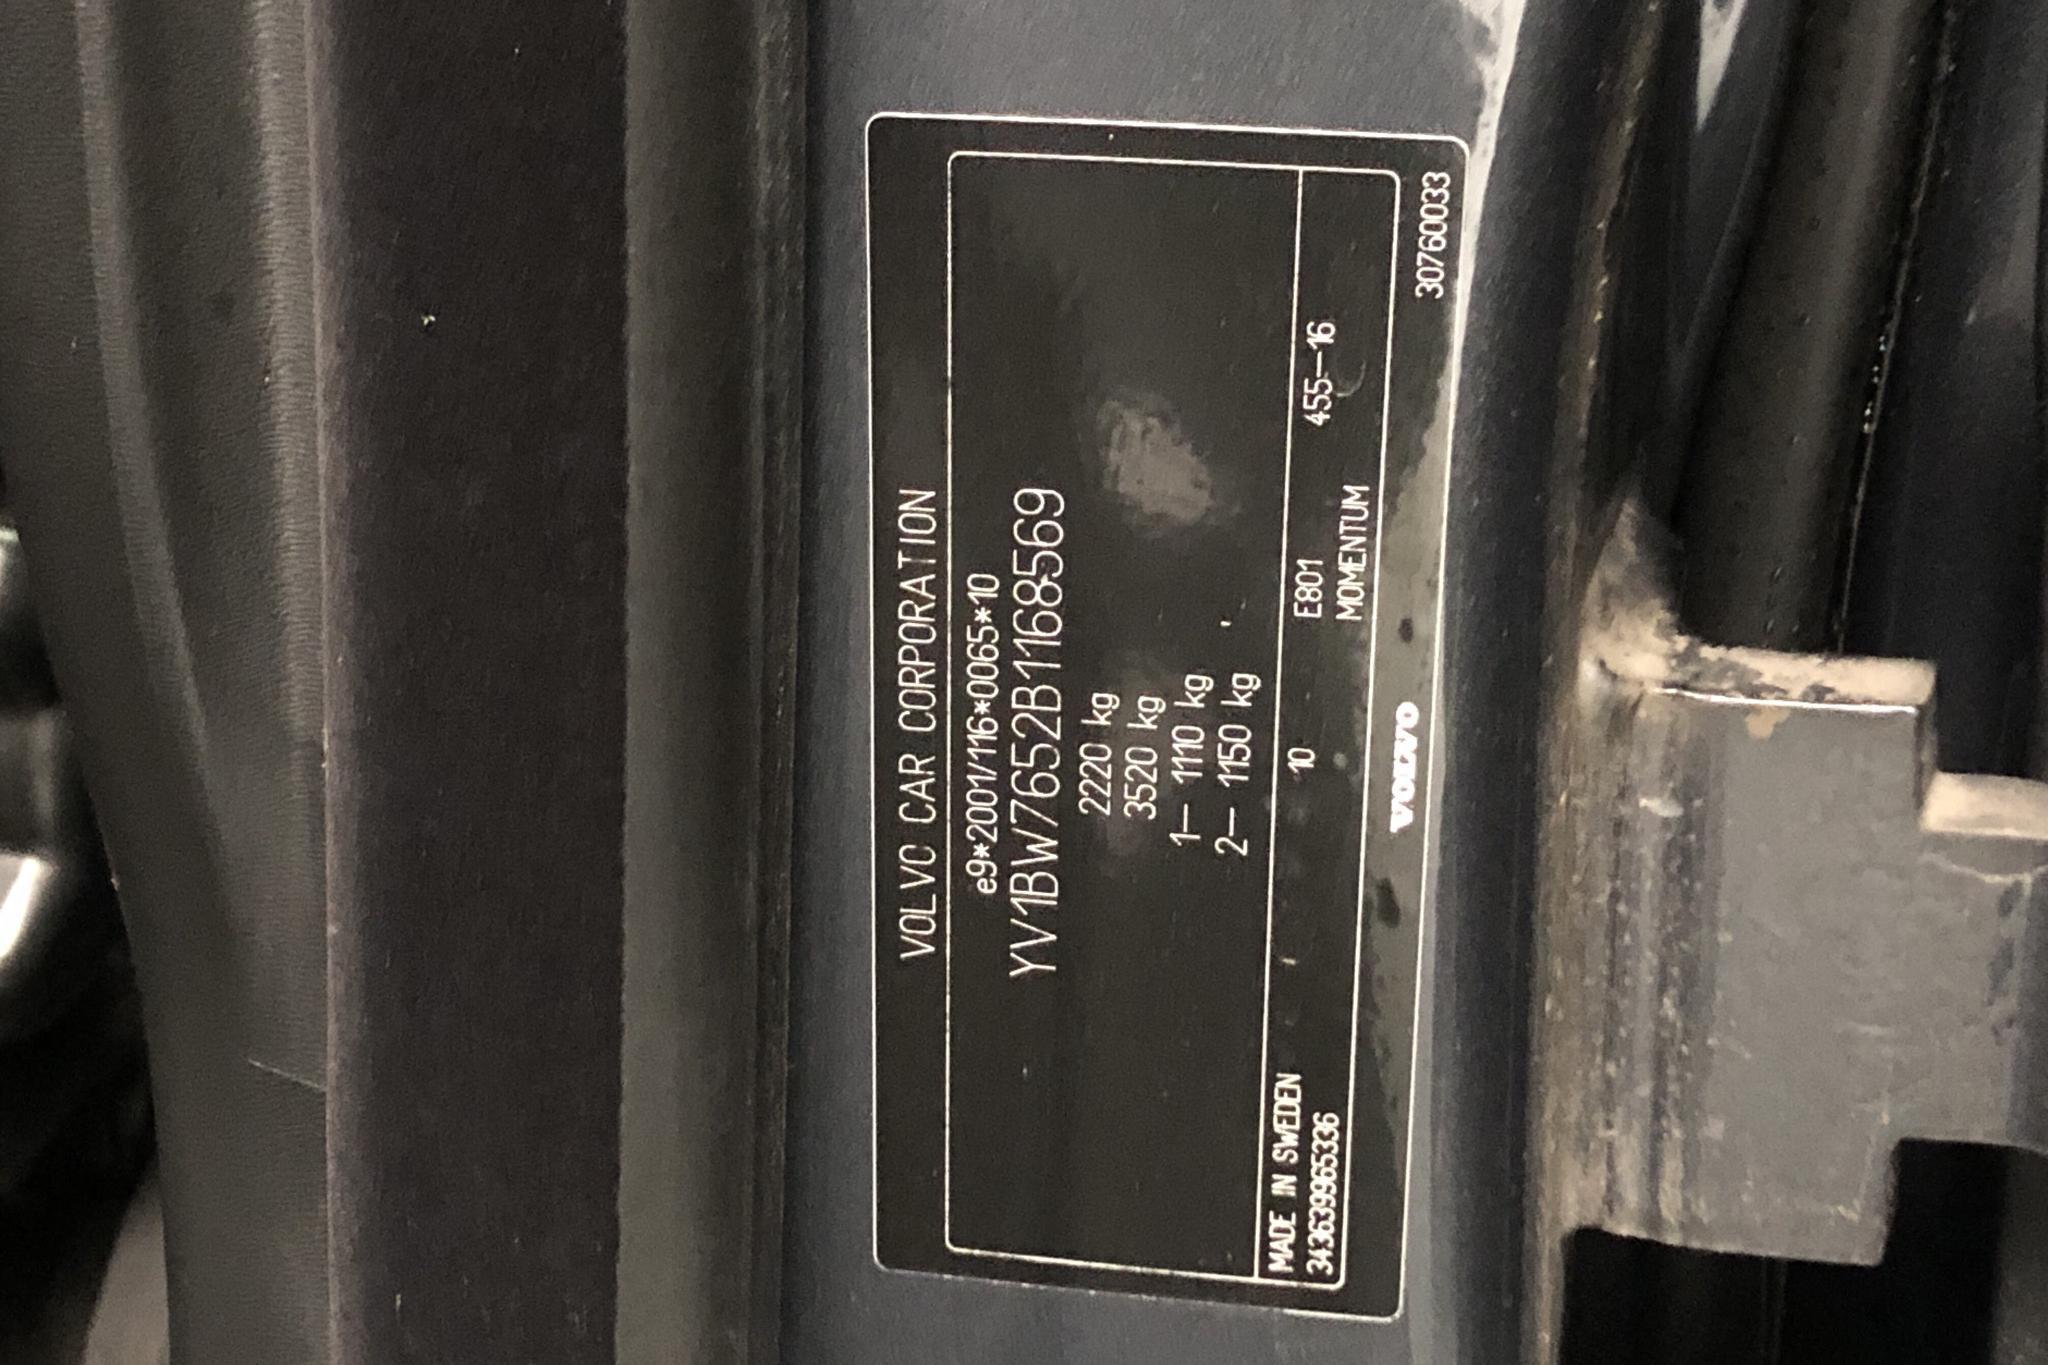 Volvo V70 II 1.6D DRIVe (109hk) - 162 620 km - Manual - gray - 2011